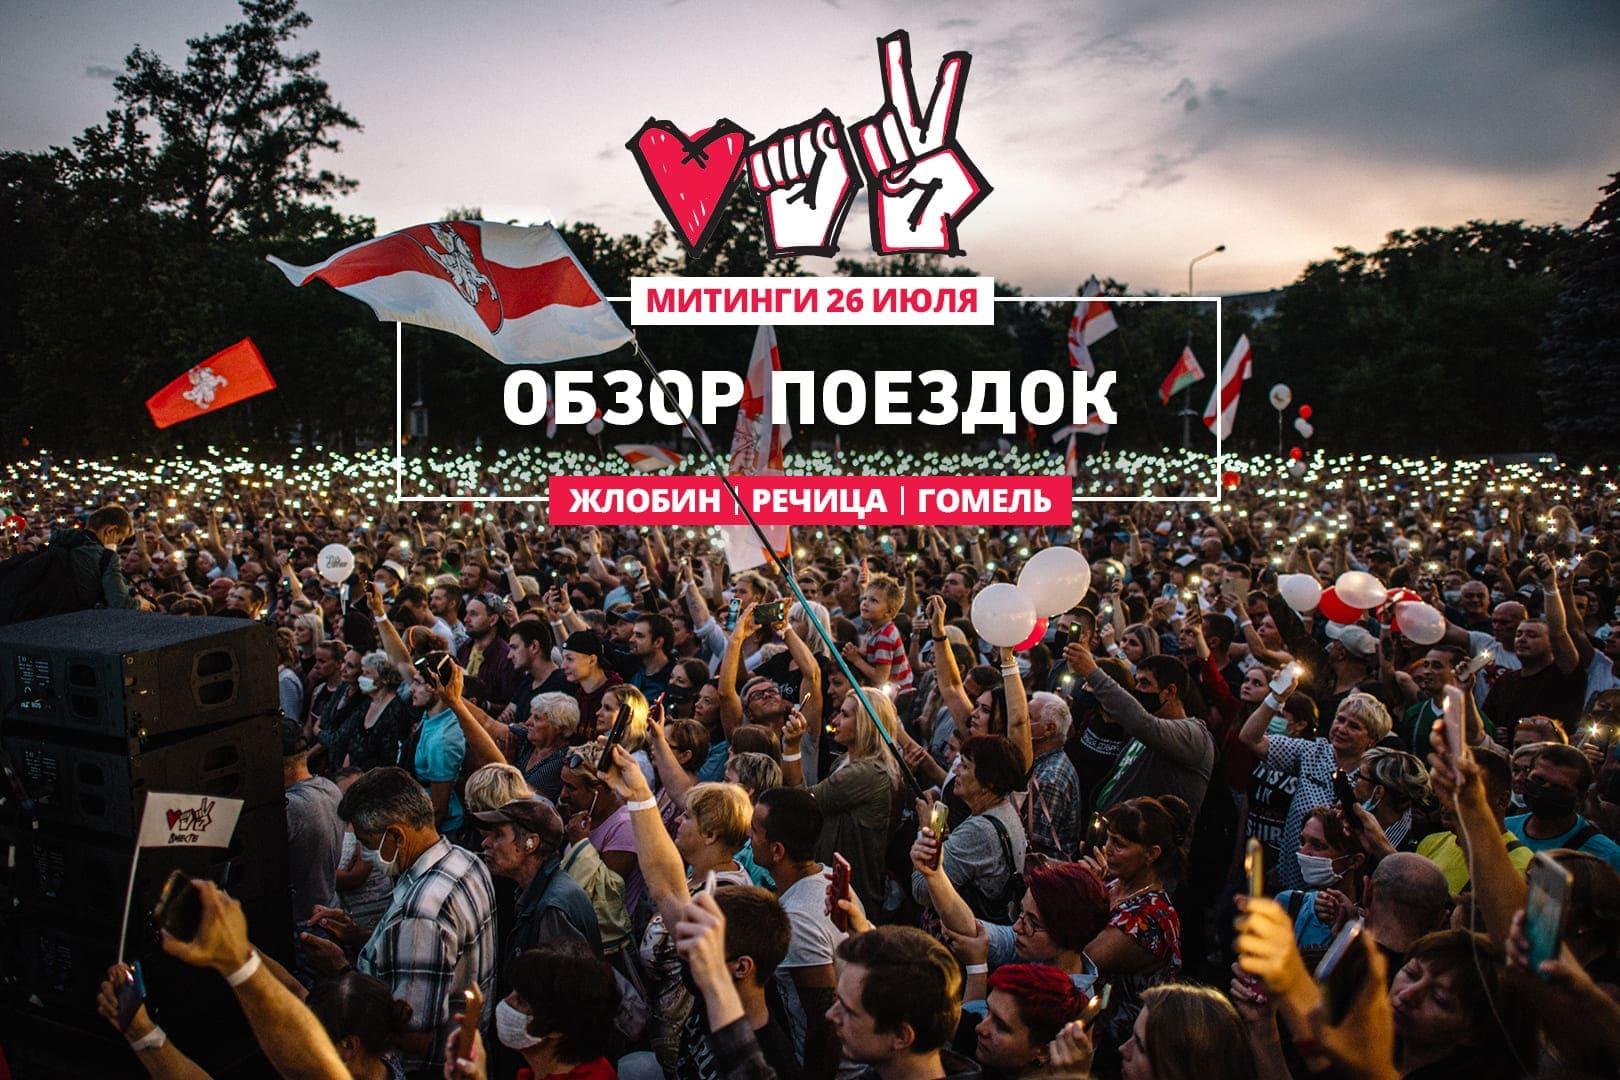 Митинги в Жлобине, Речице и Гомеле